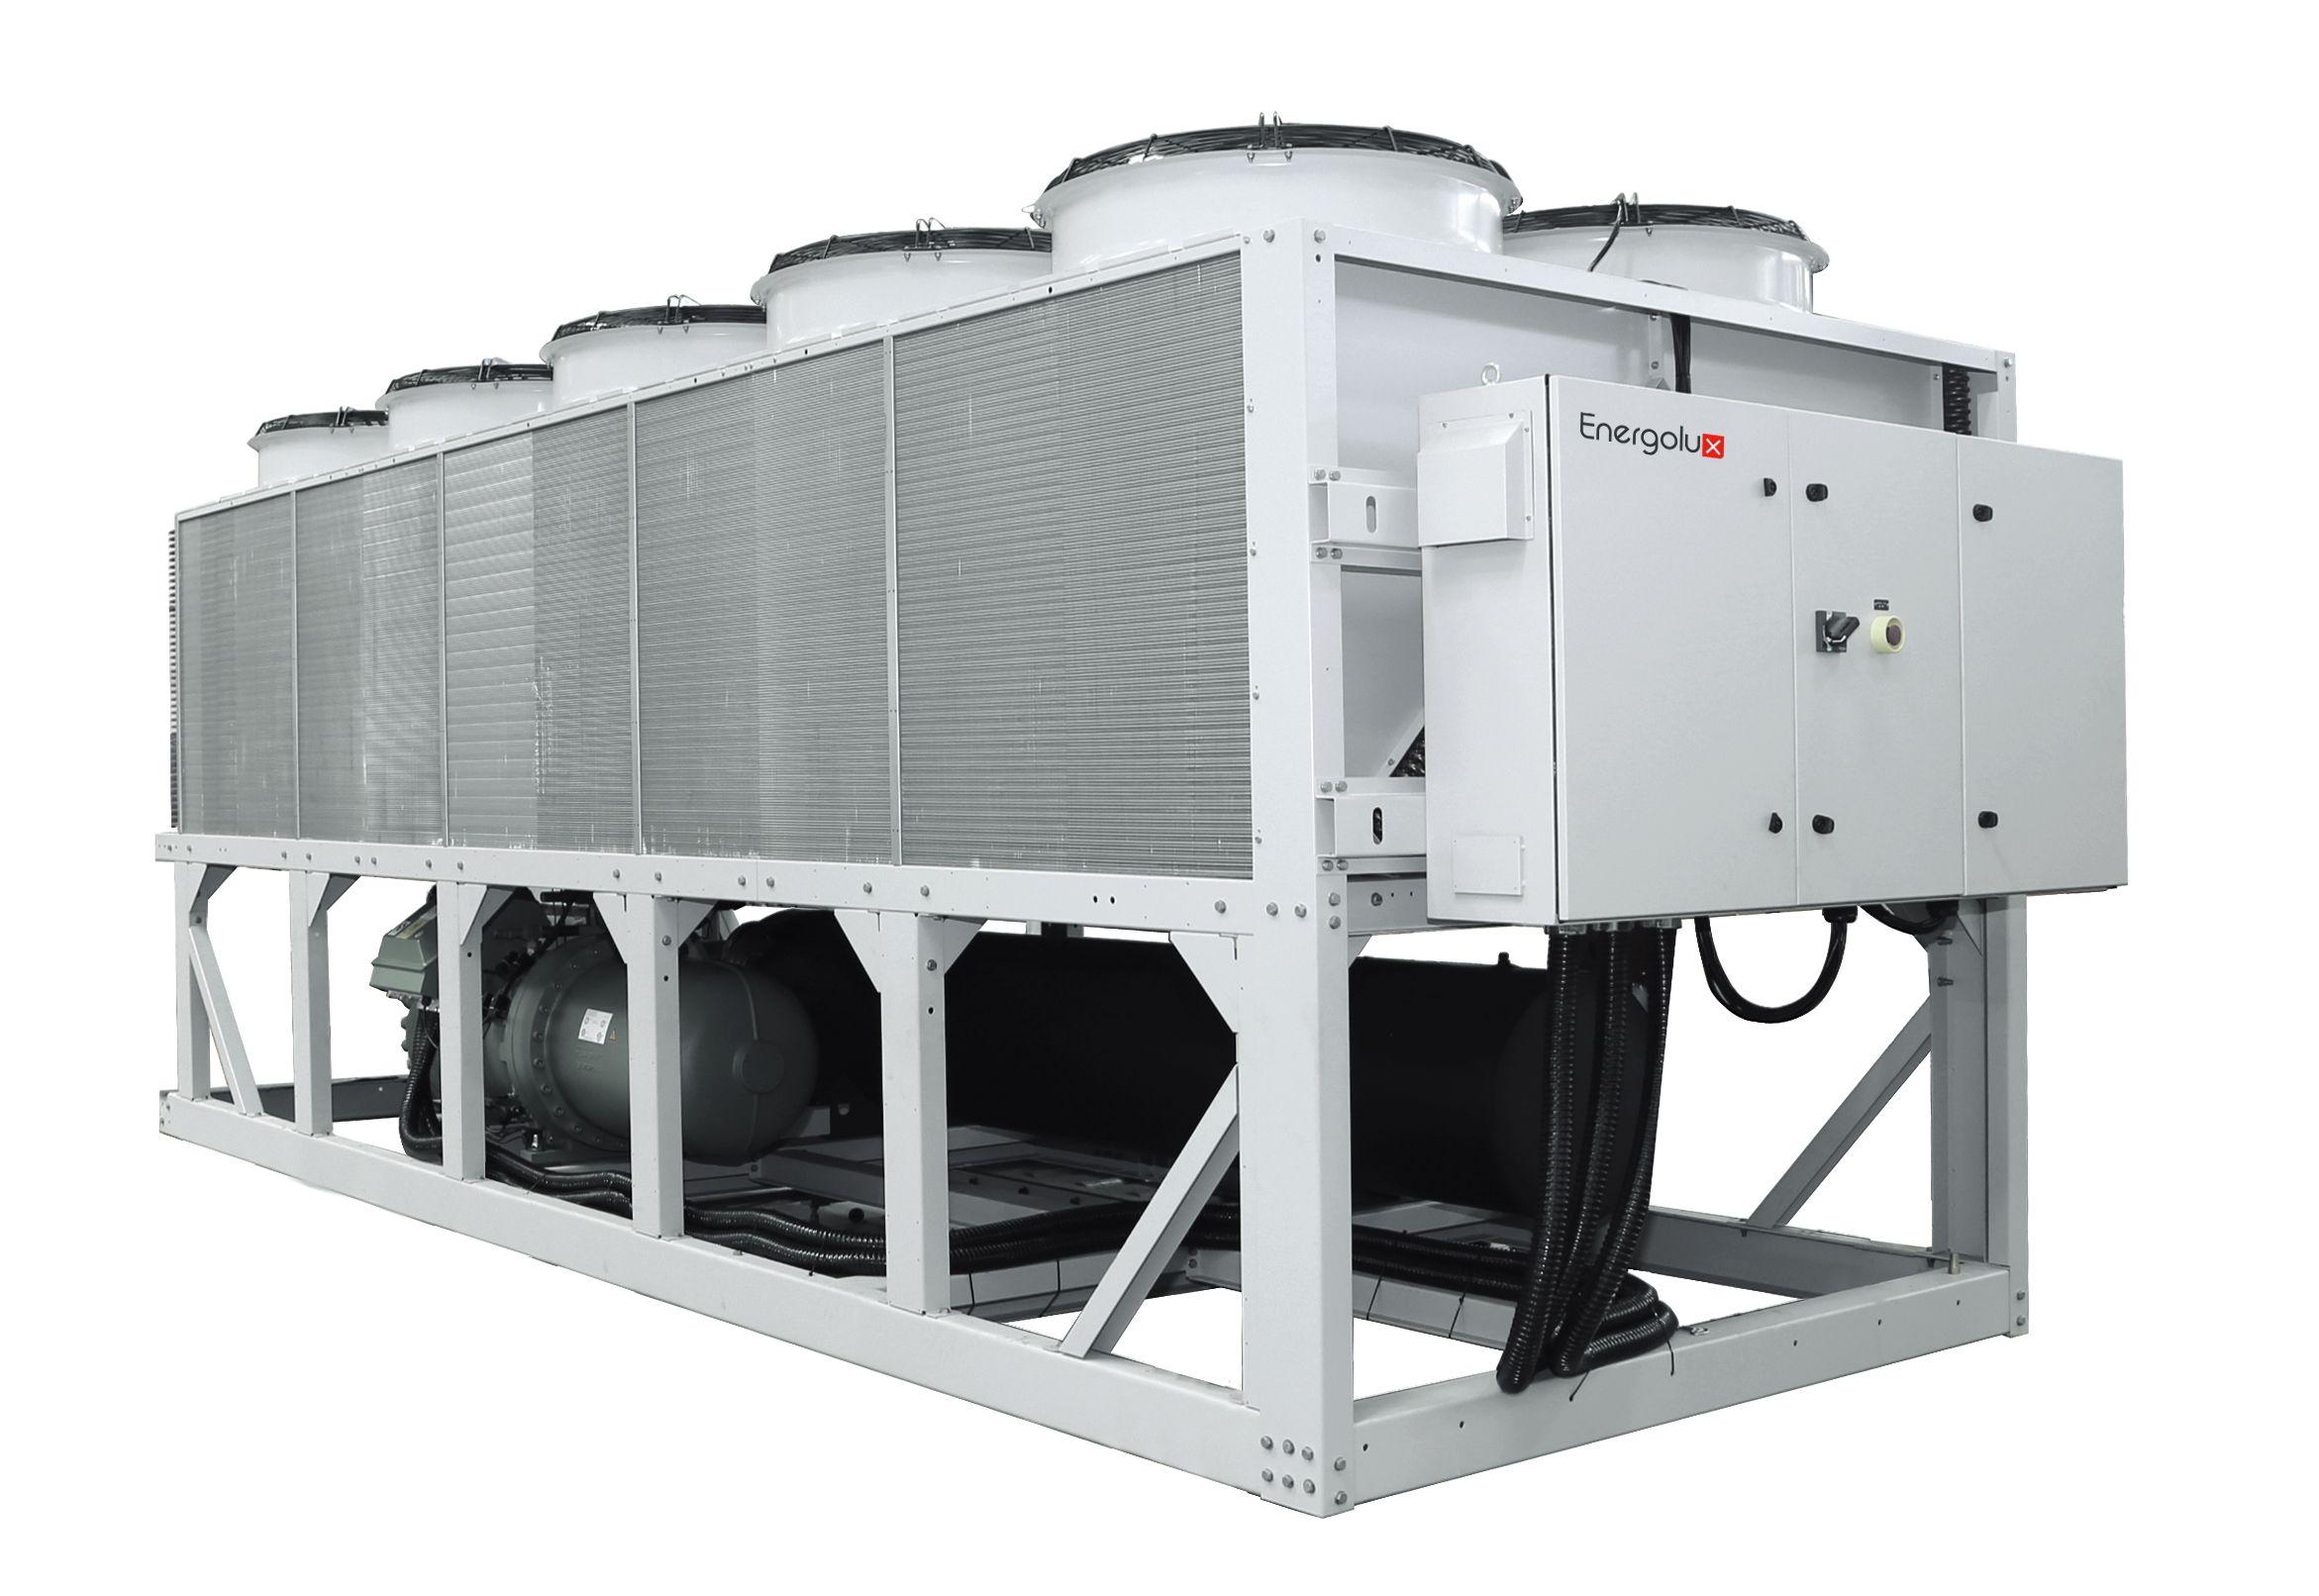 Energolux SCAW-T 31300 V